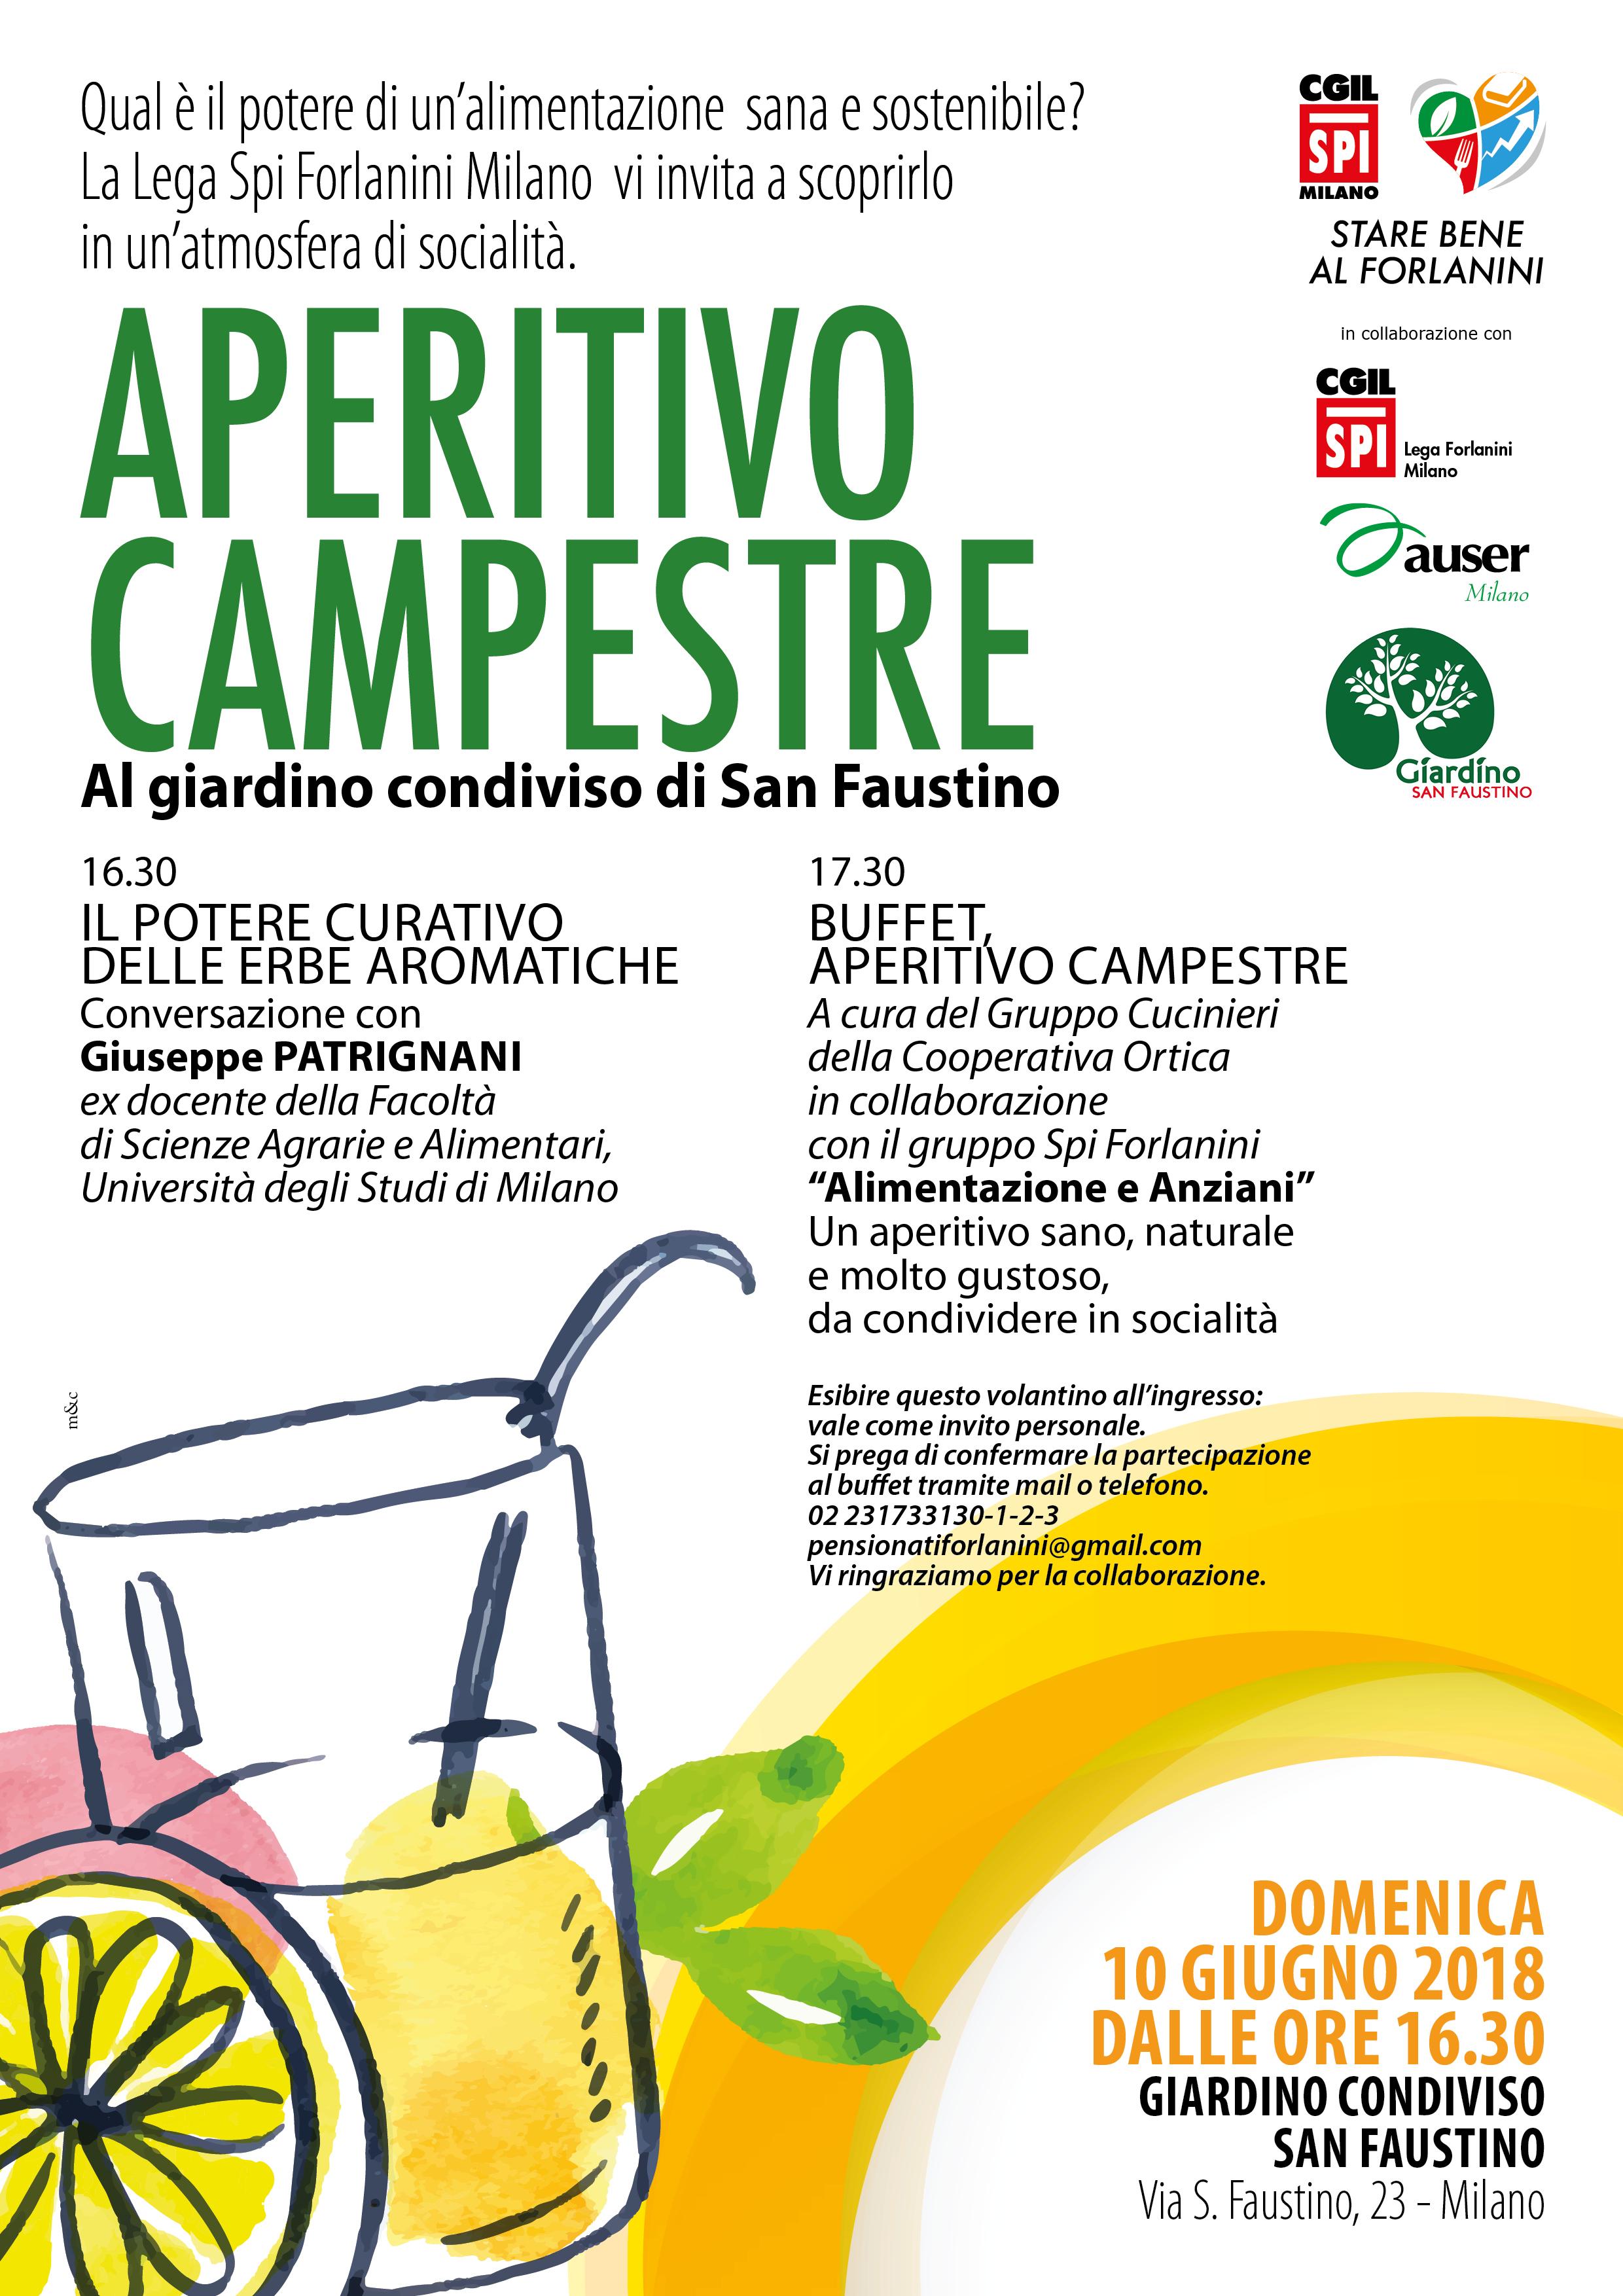 SPI_Benessere_Forlanini_10giugno_aperitivo.jpg